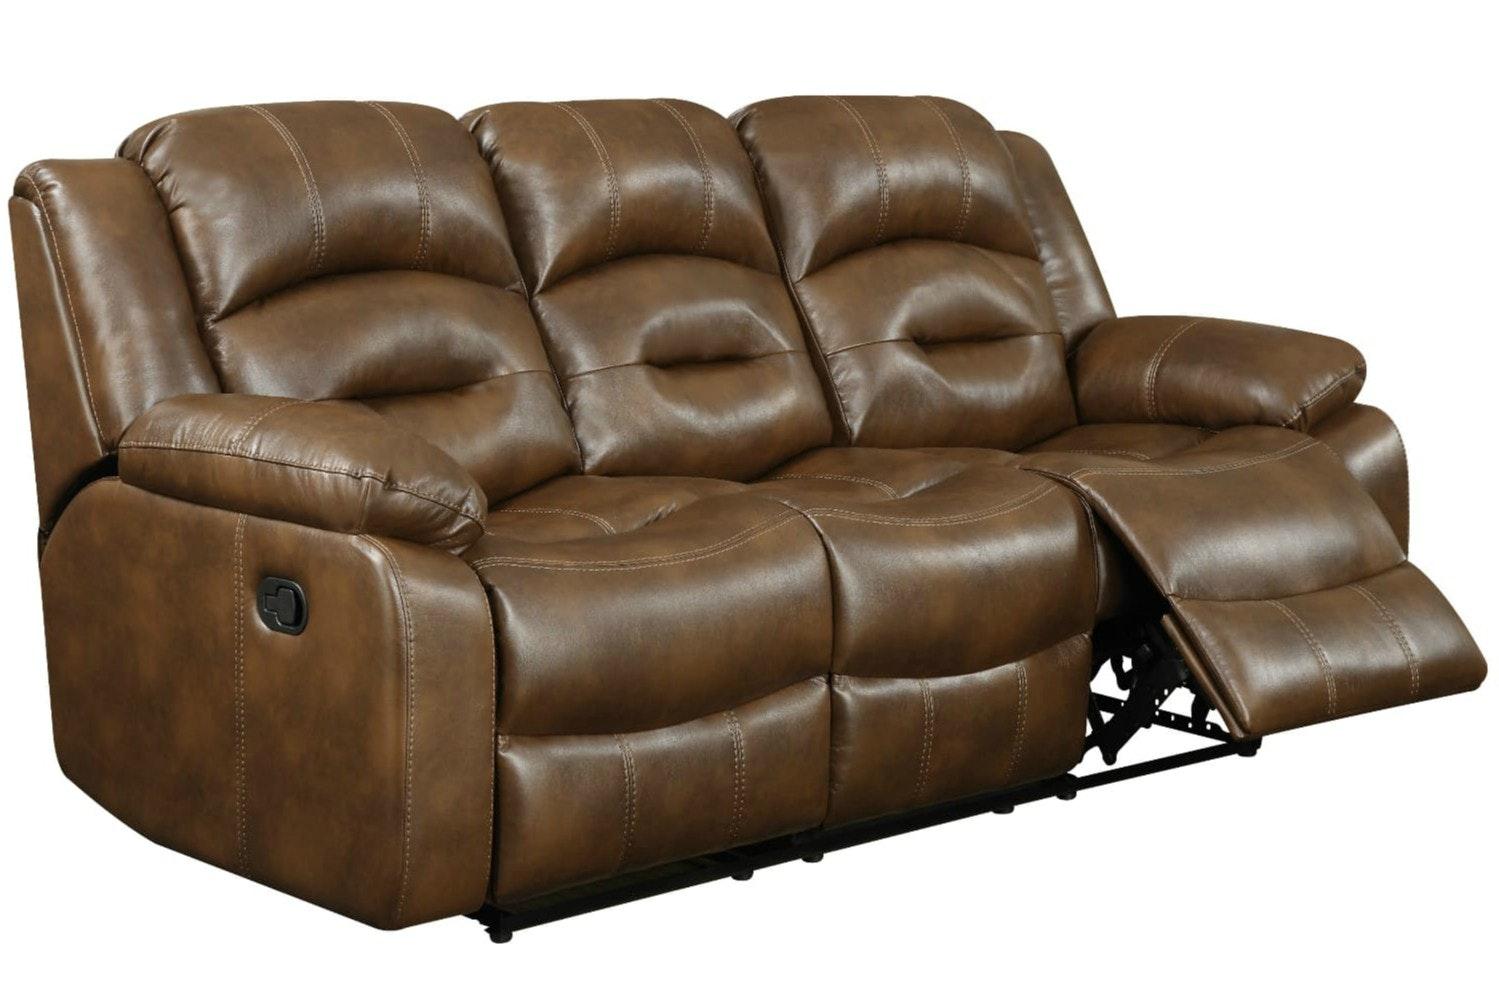 Hunter 3 Seater Sofa (Recliner) Tan